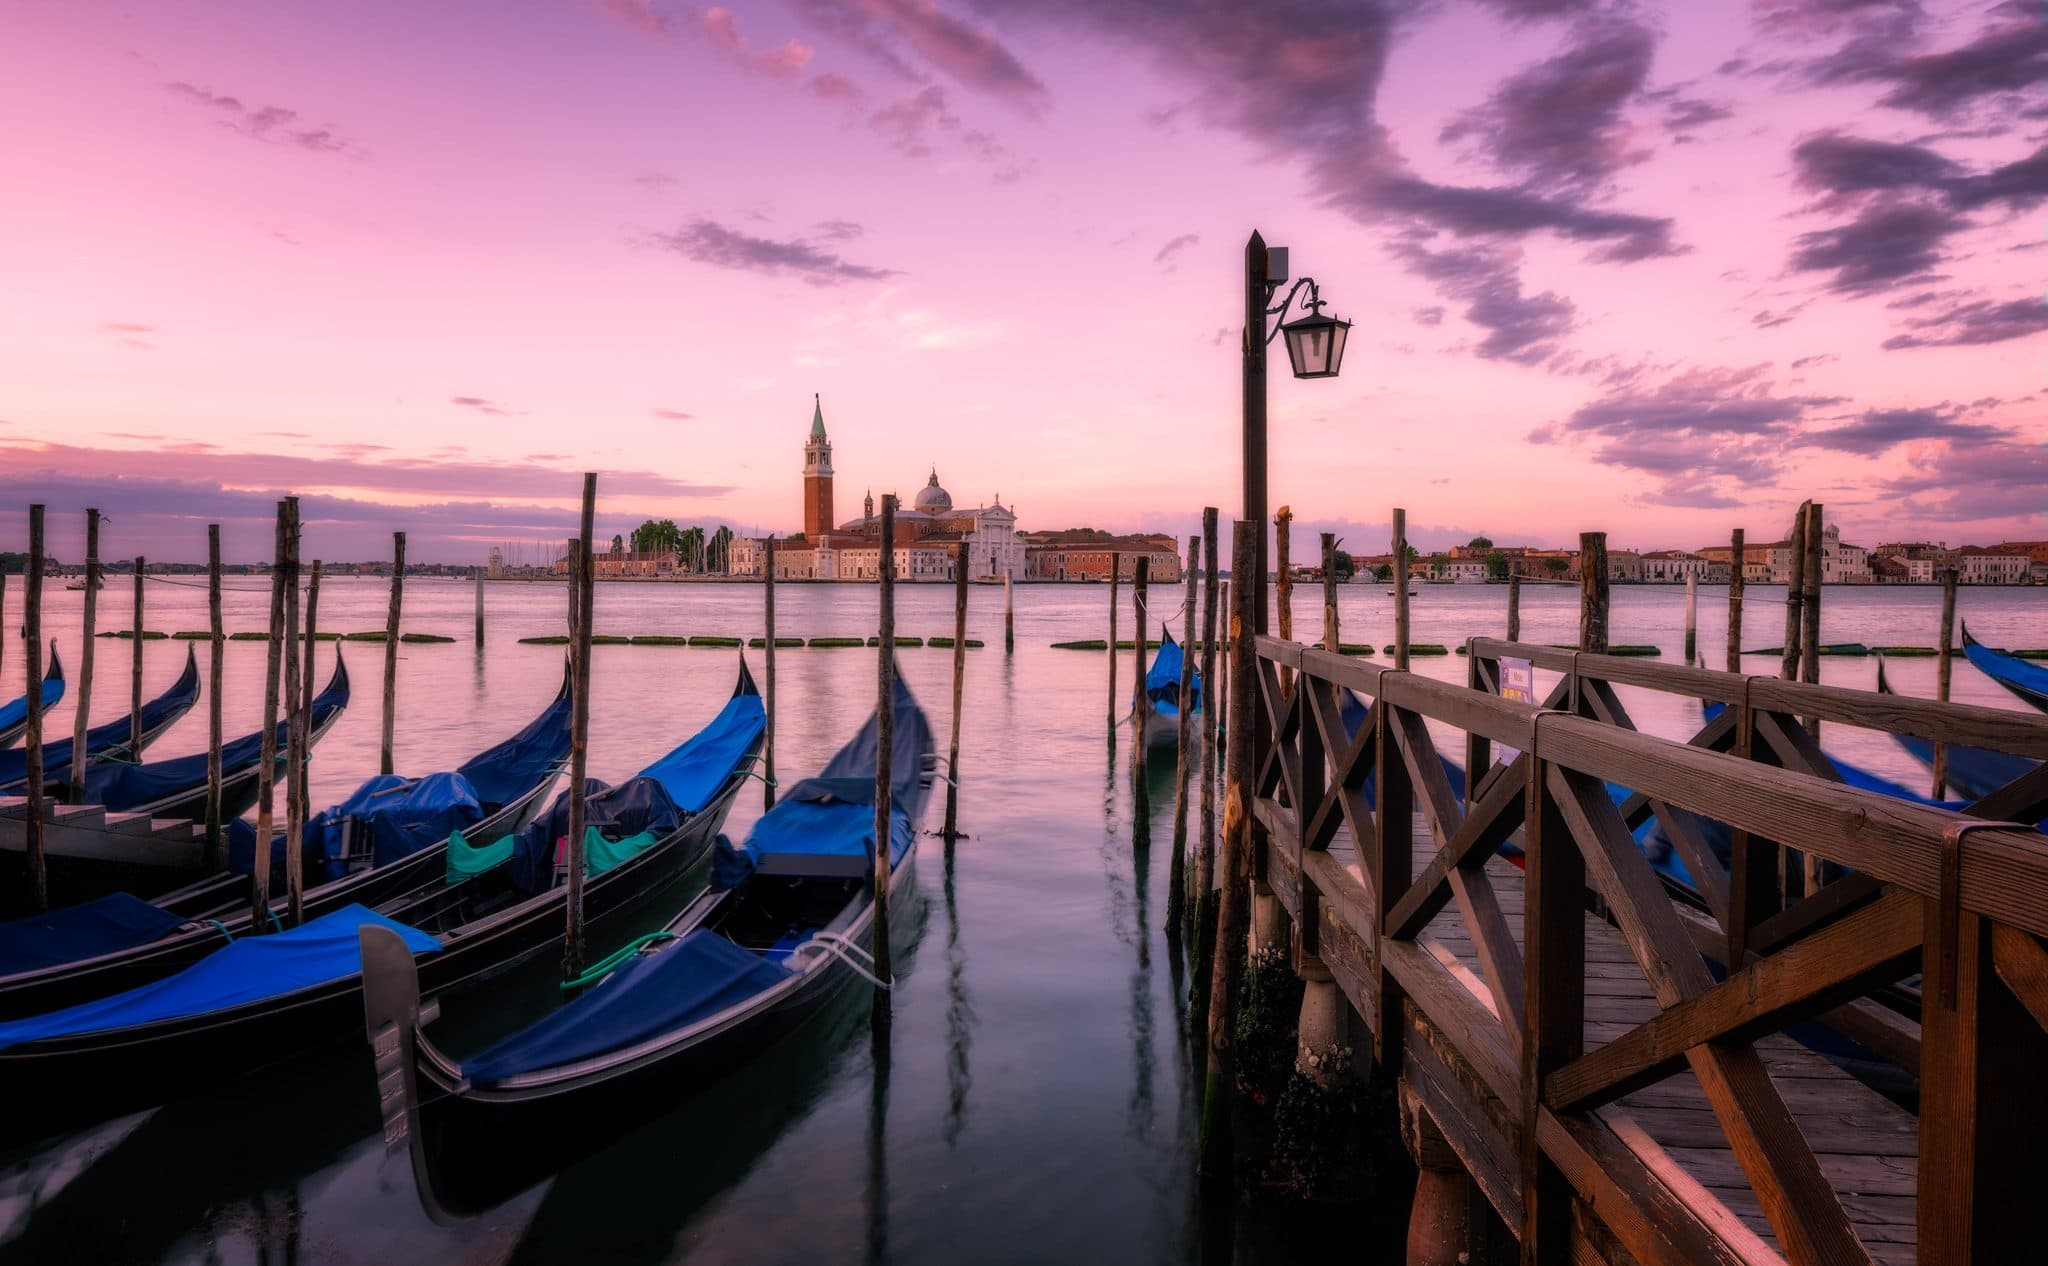 Die Gondeln von Venedig, wie sie ruhig im Wasser liegen; Sommer in Italien.